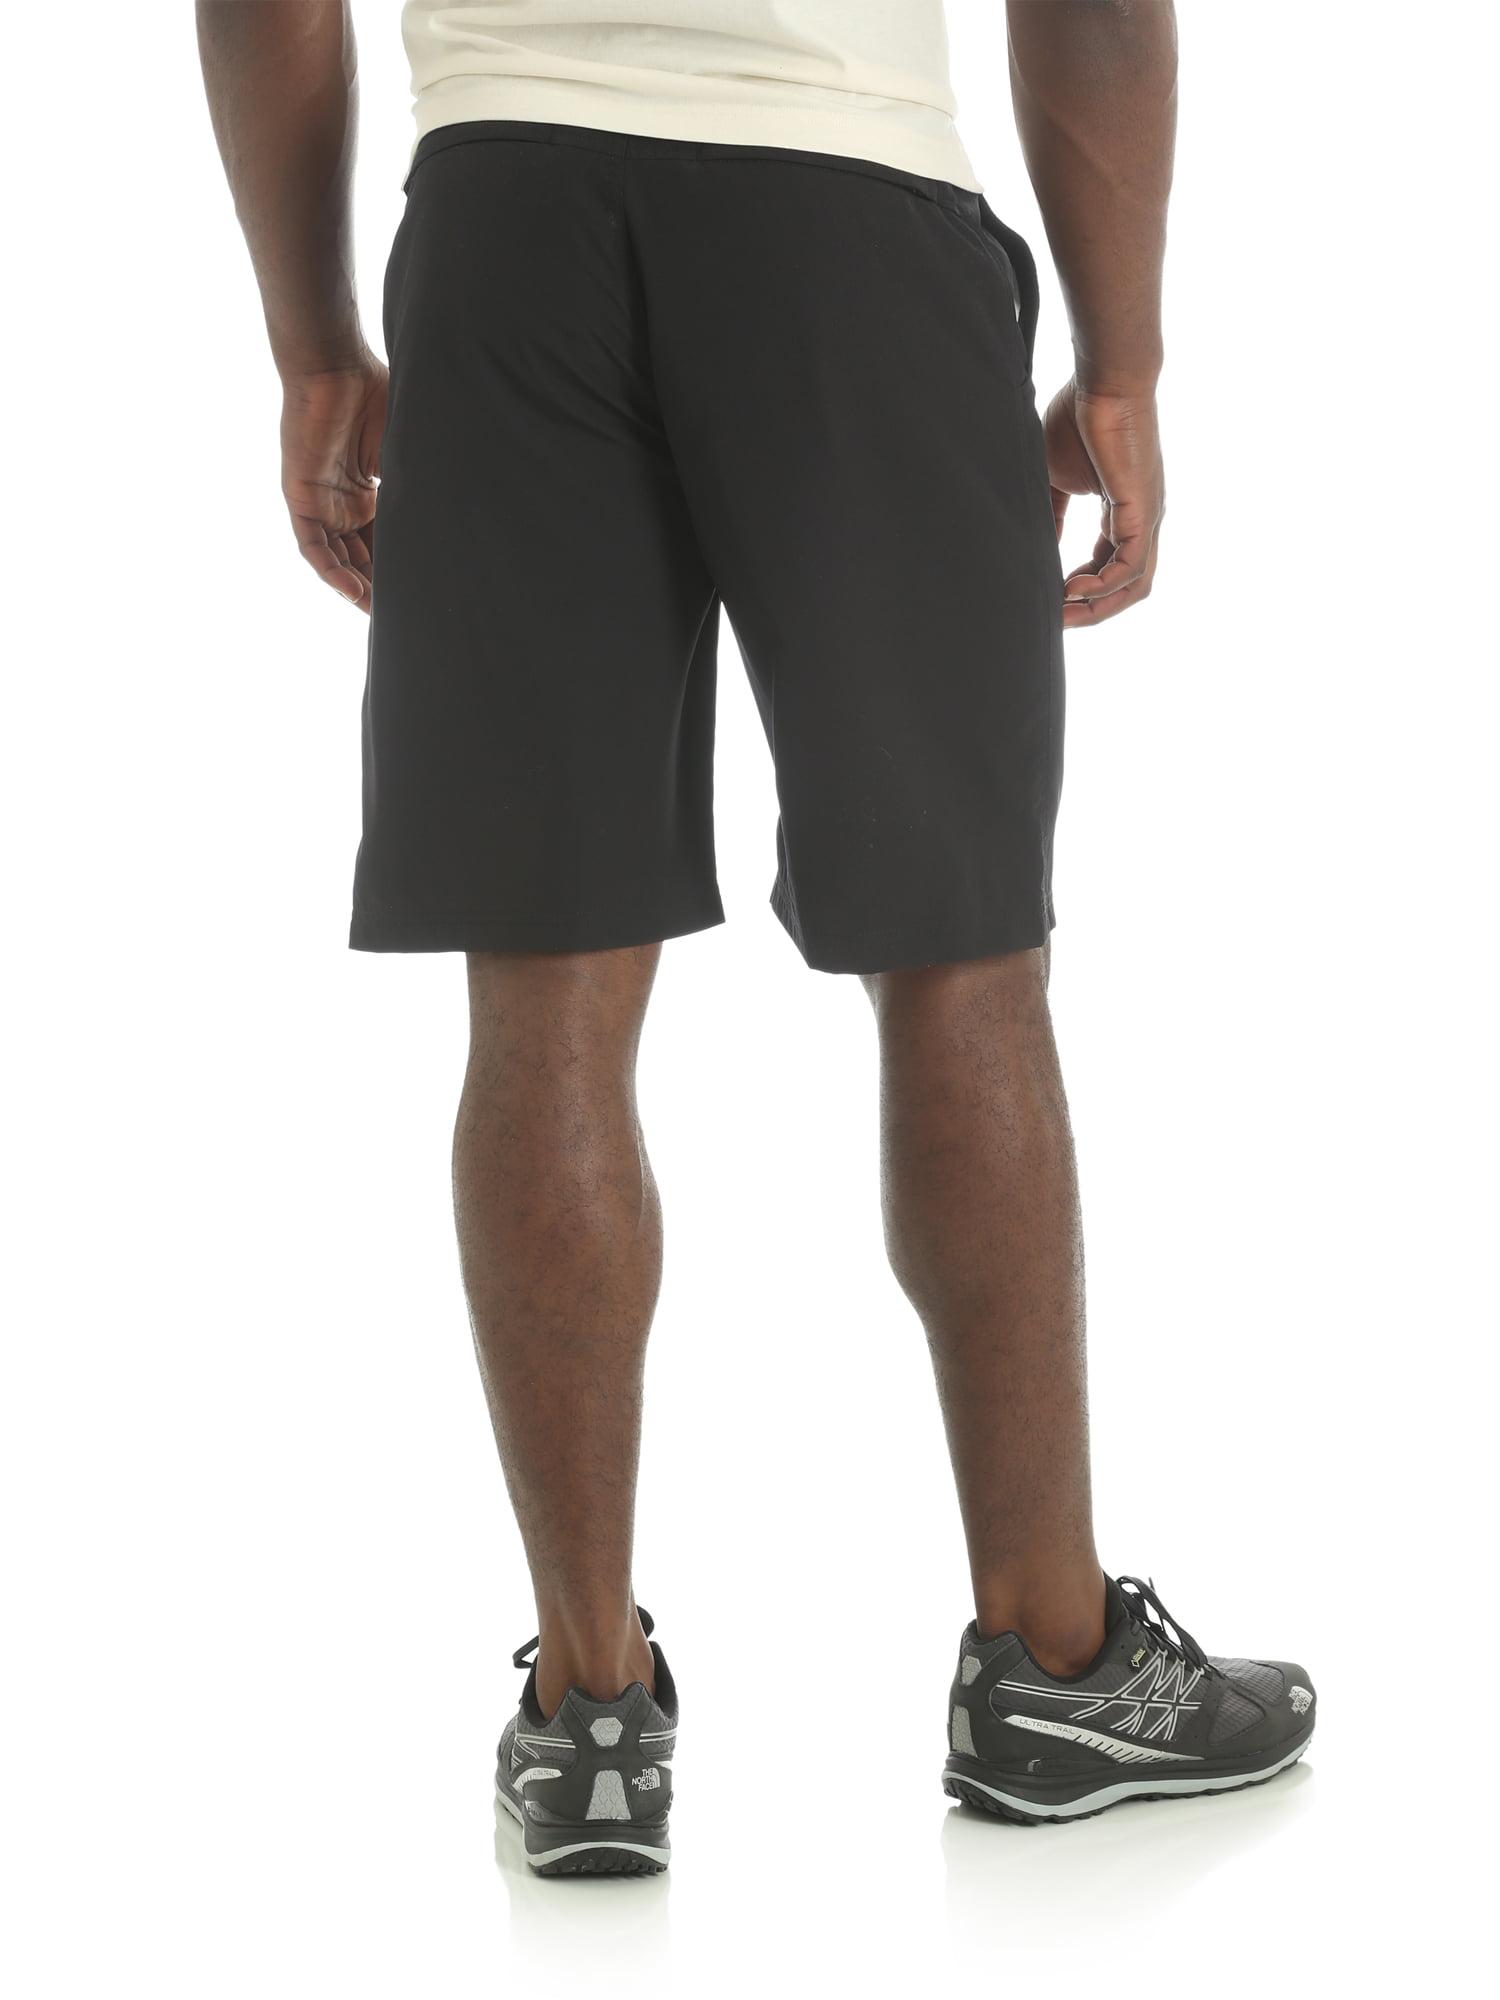 f00035af01 Wrangler - Men's - Performance Hybrid Side Elastic Stretch Short -  Walmart.com